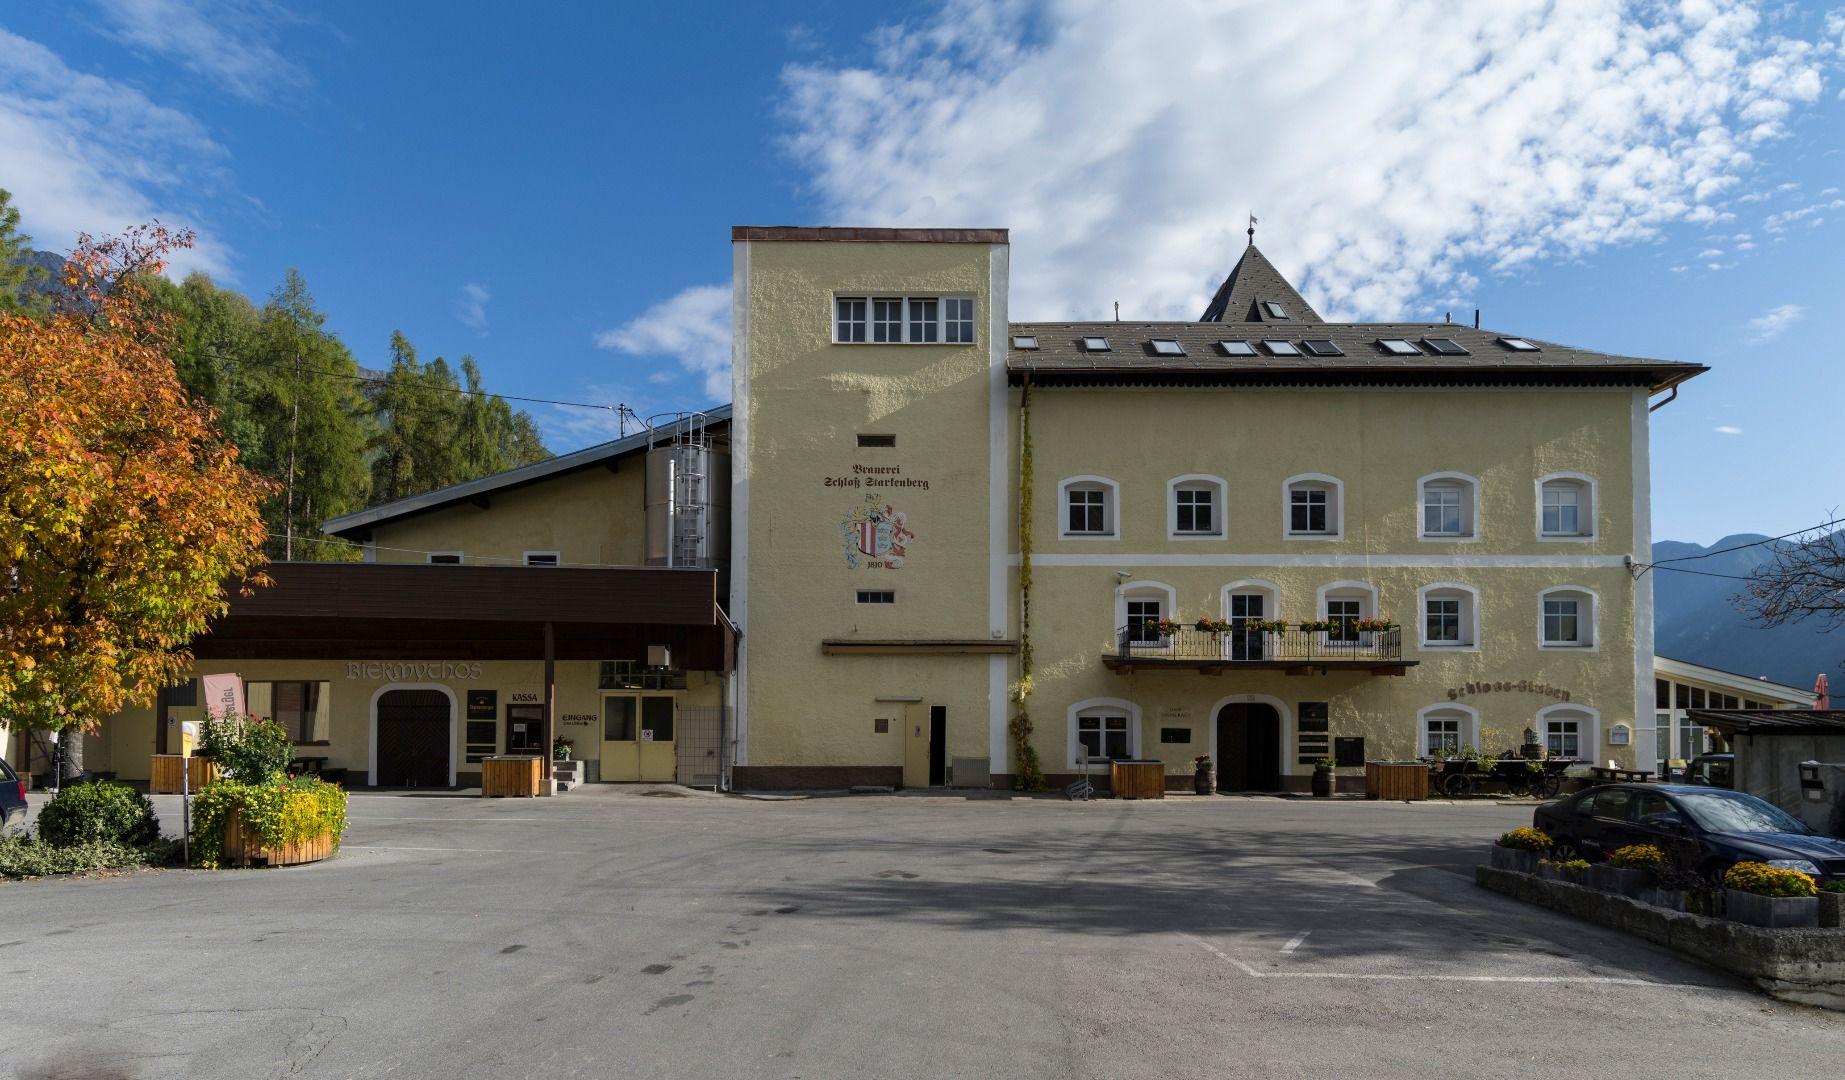 Starkenberg-1-8.jpg